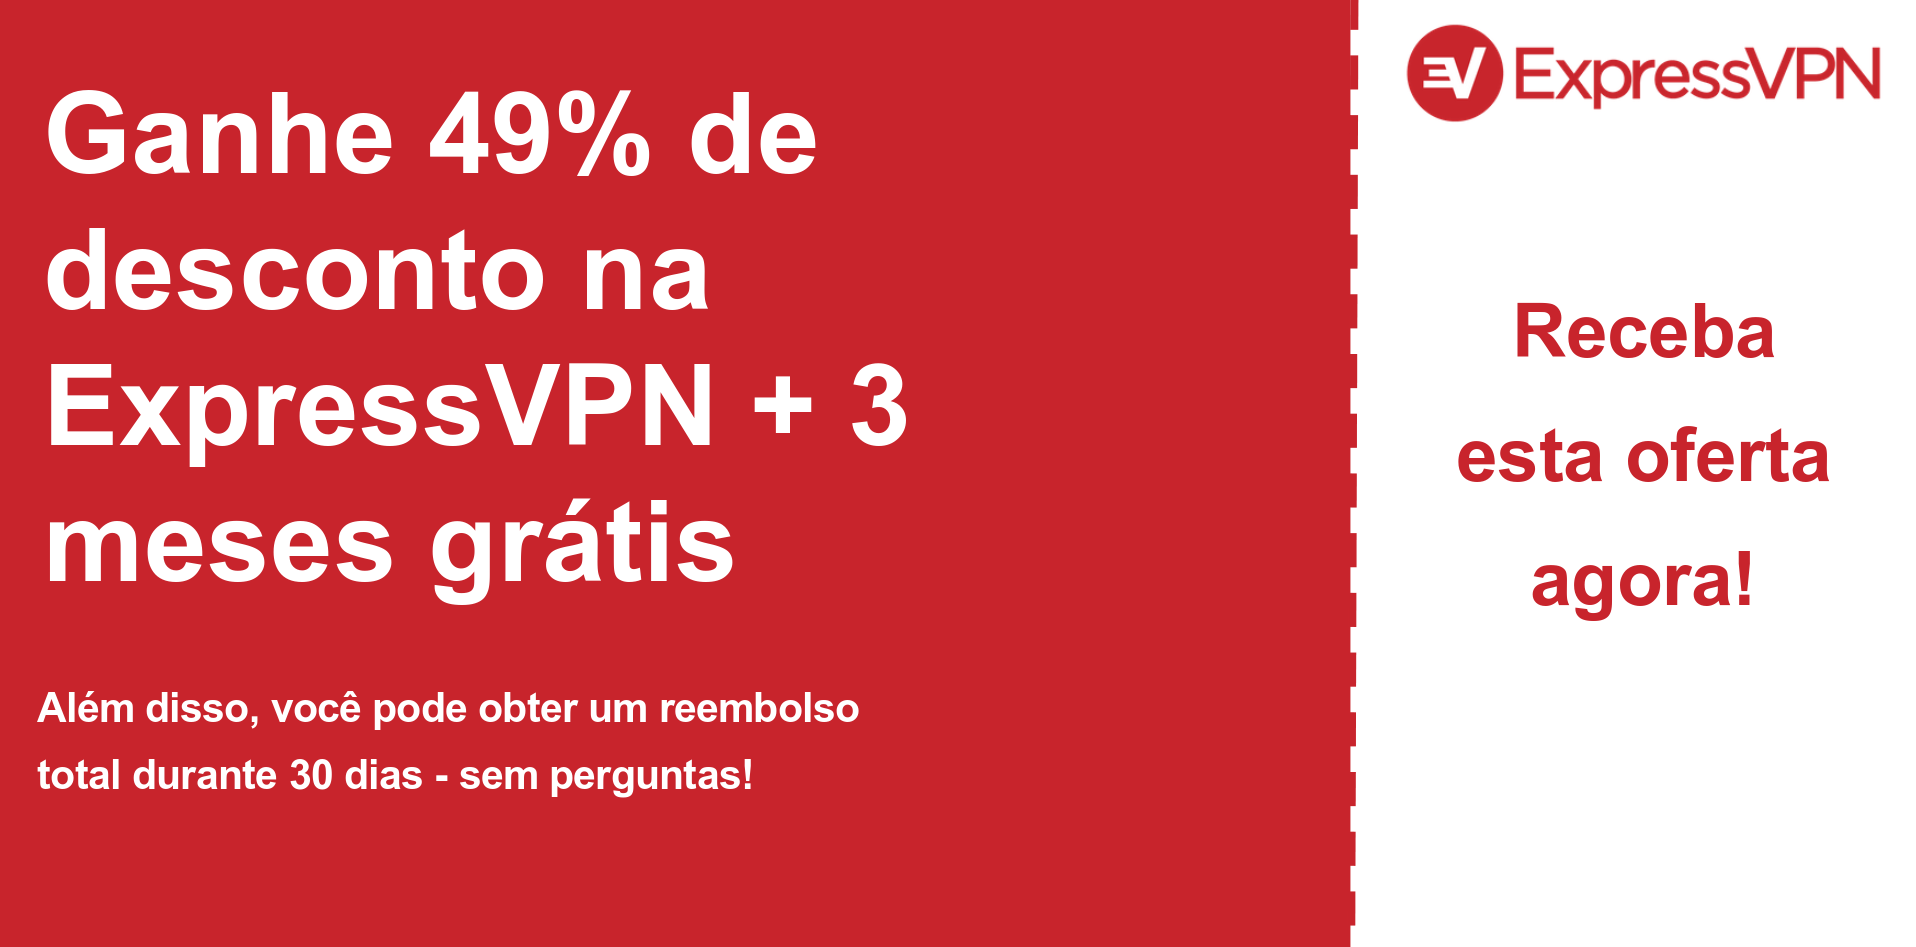 gráfico do banner do cupom principal da ExpressVPN mostrando 49% de desconto